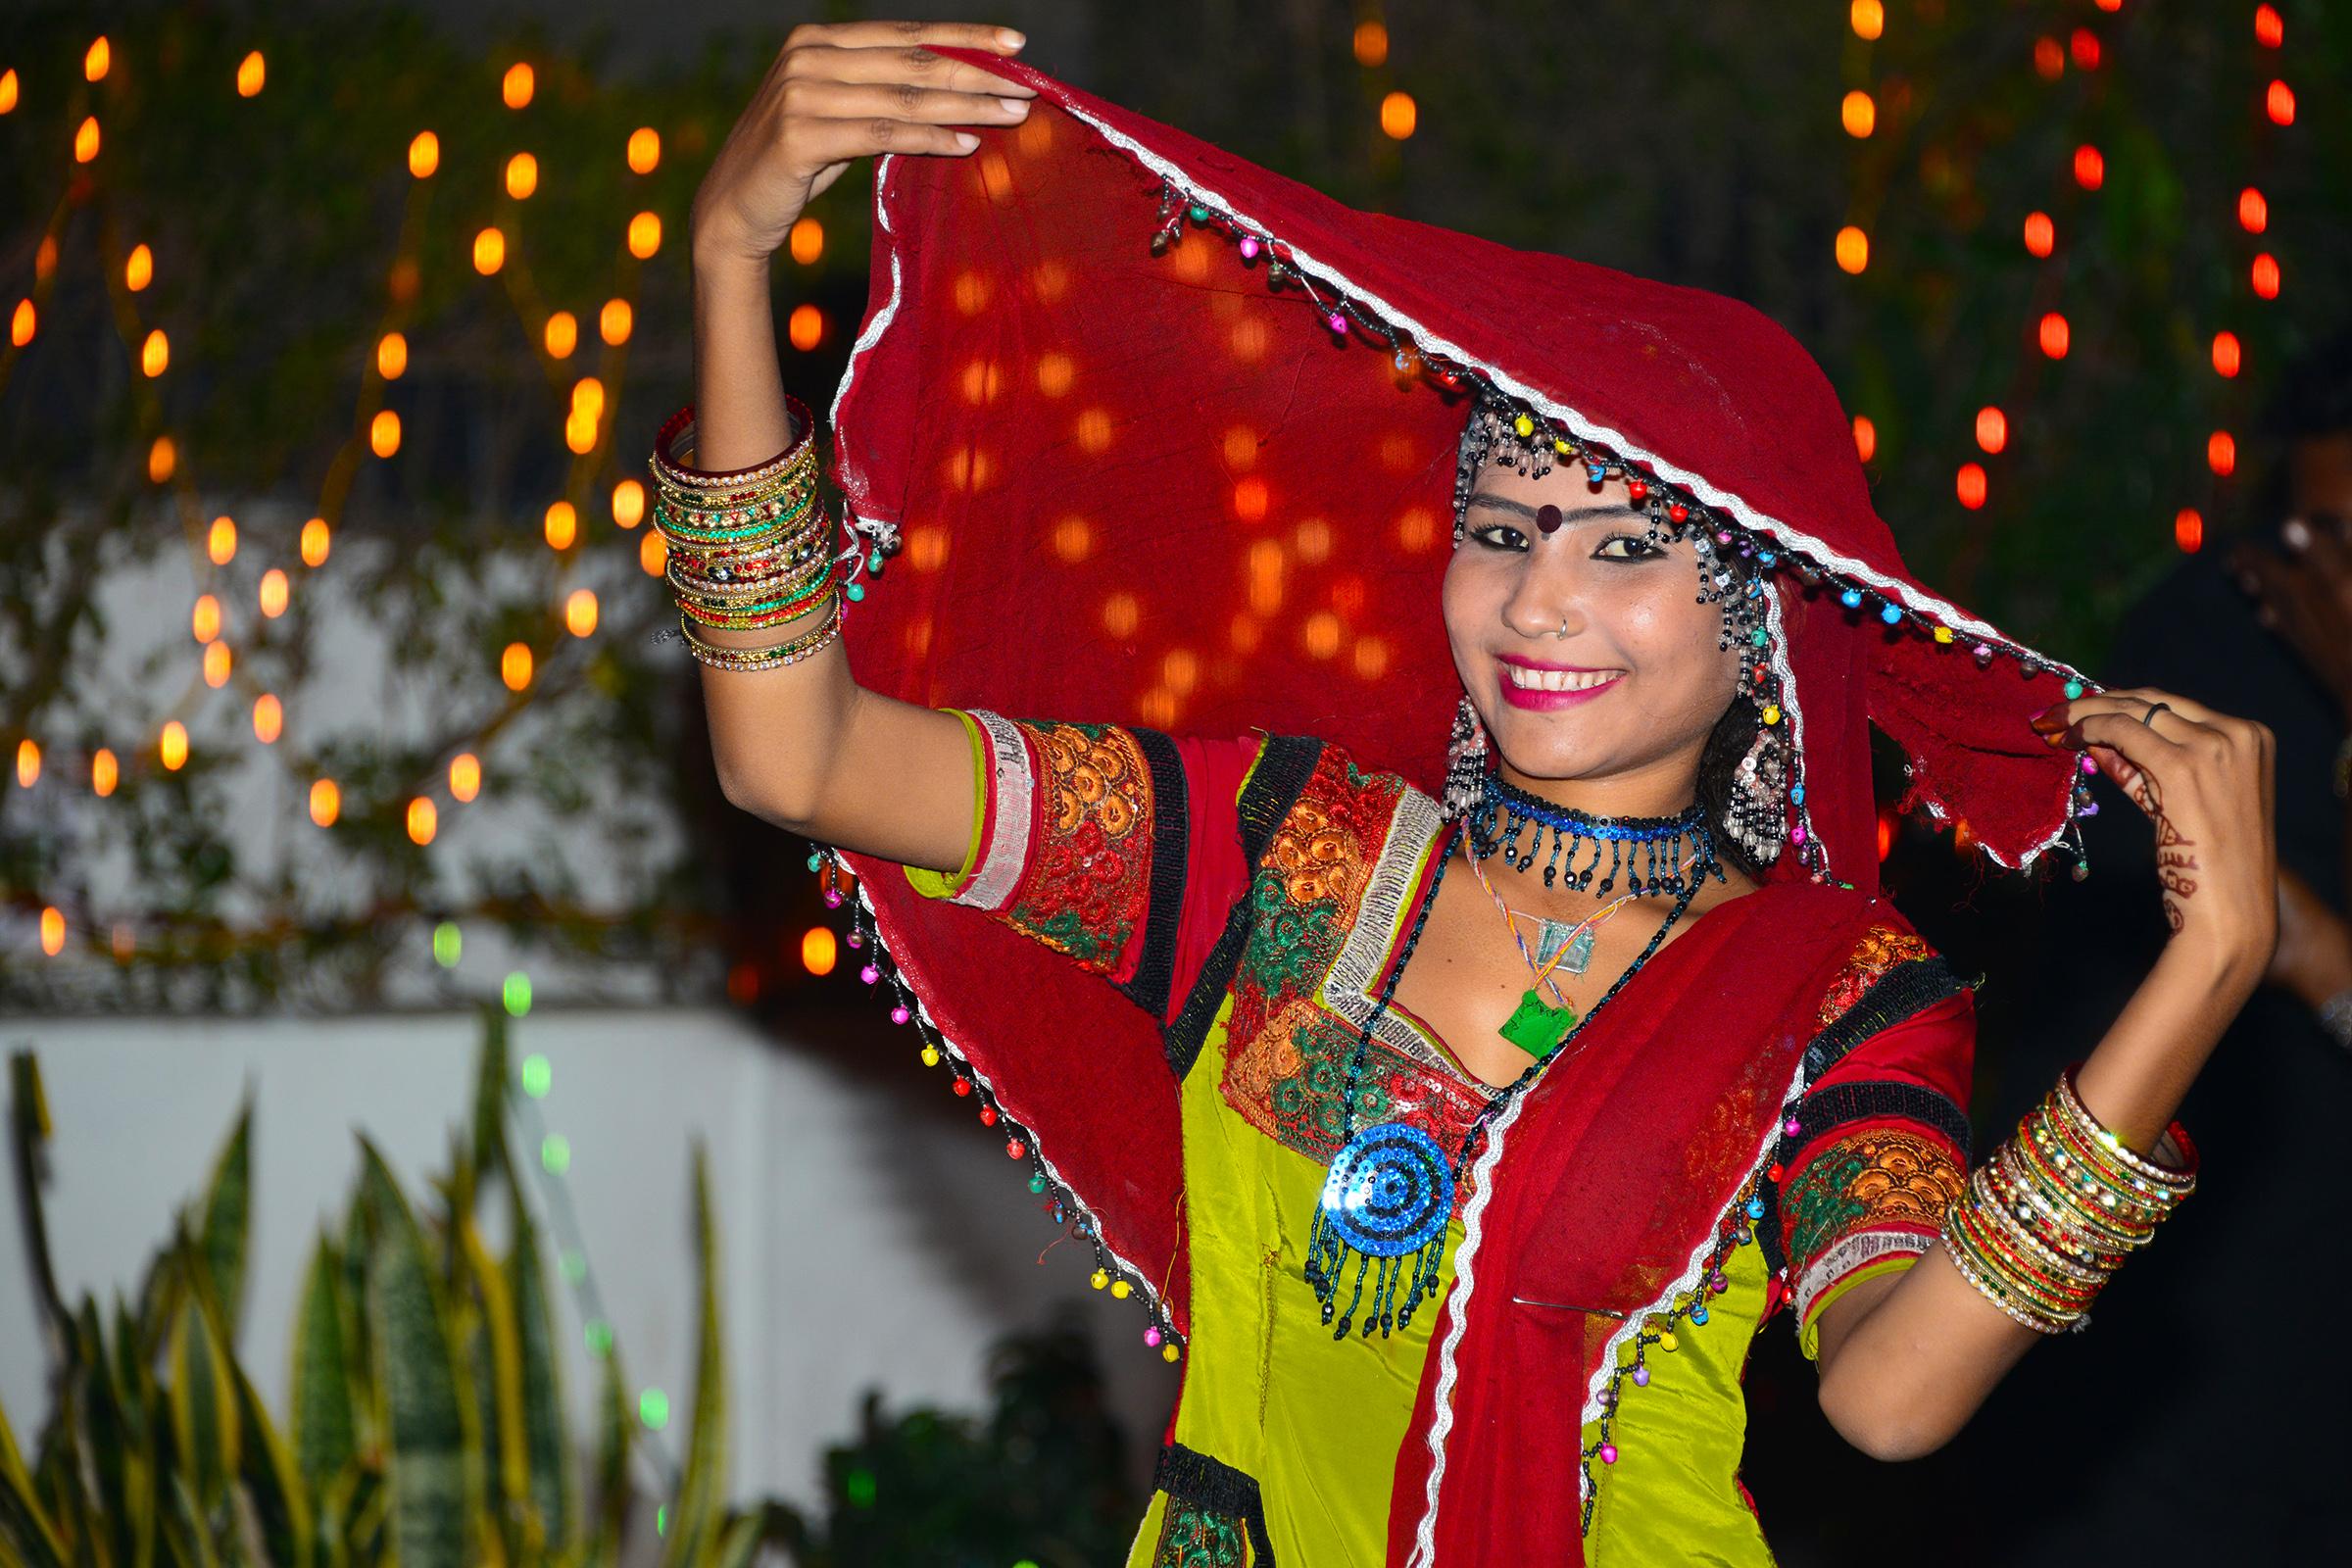 Észak-Indiai emberek